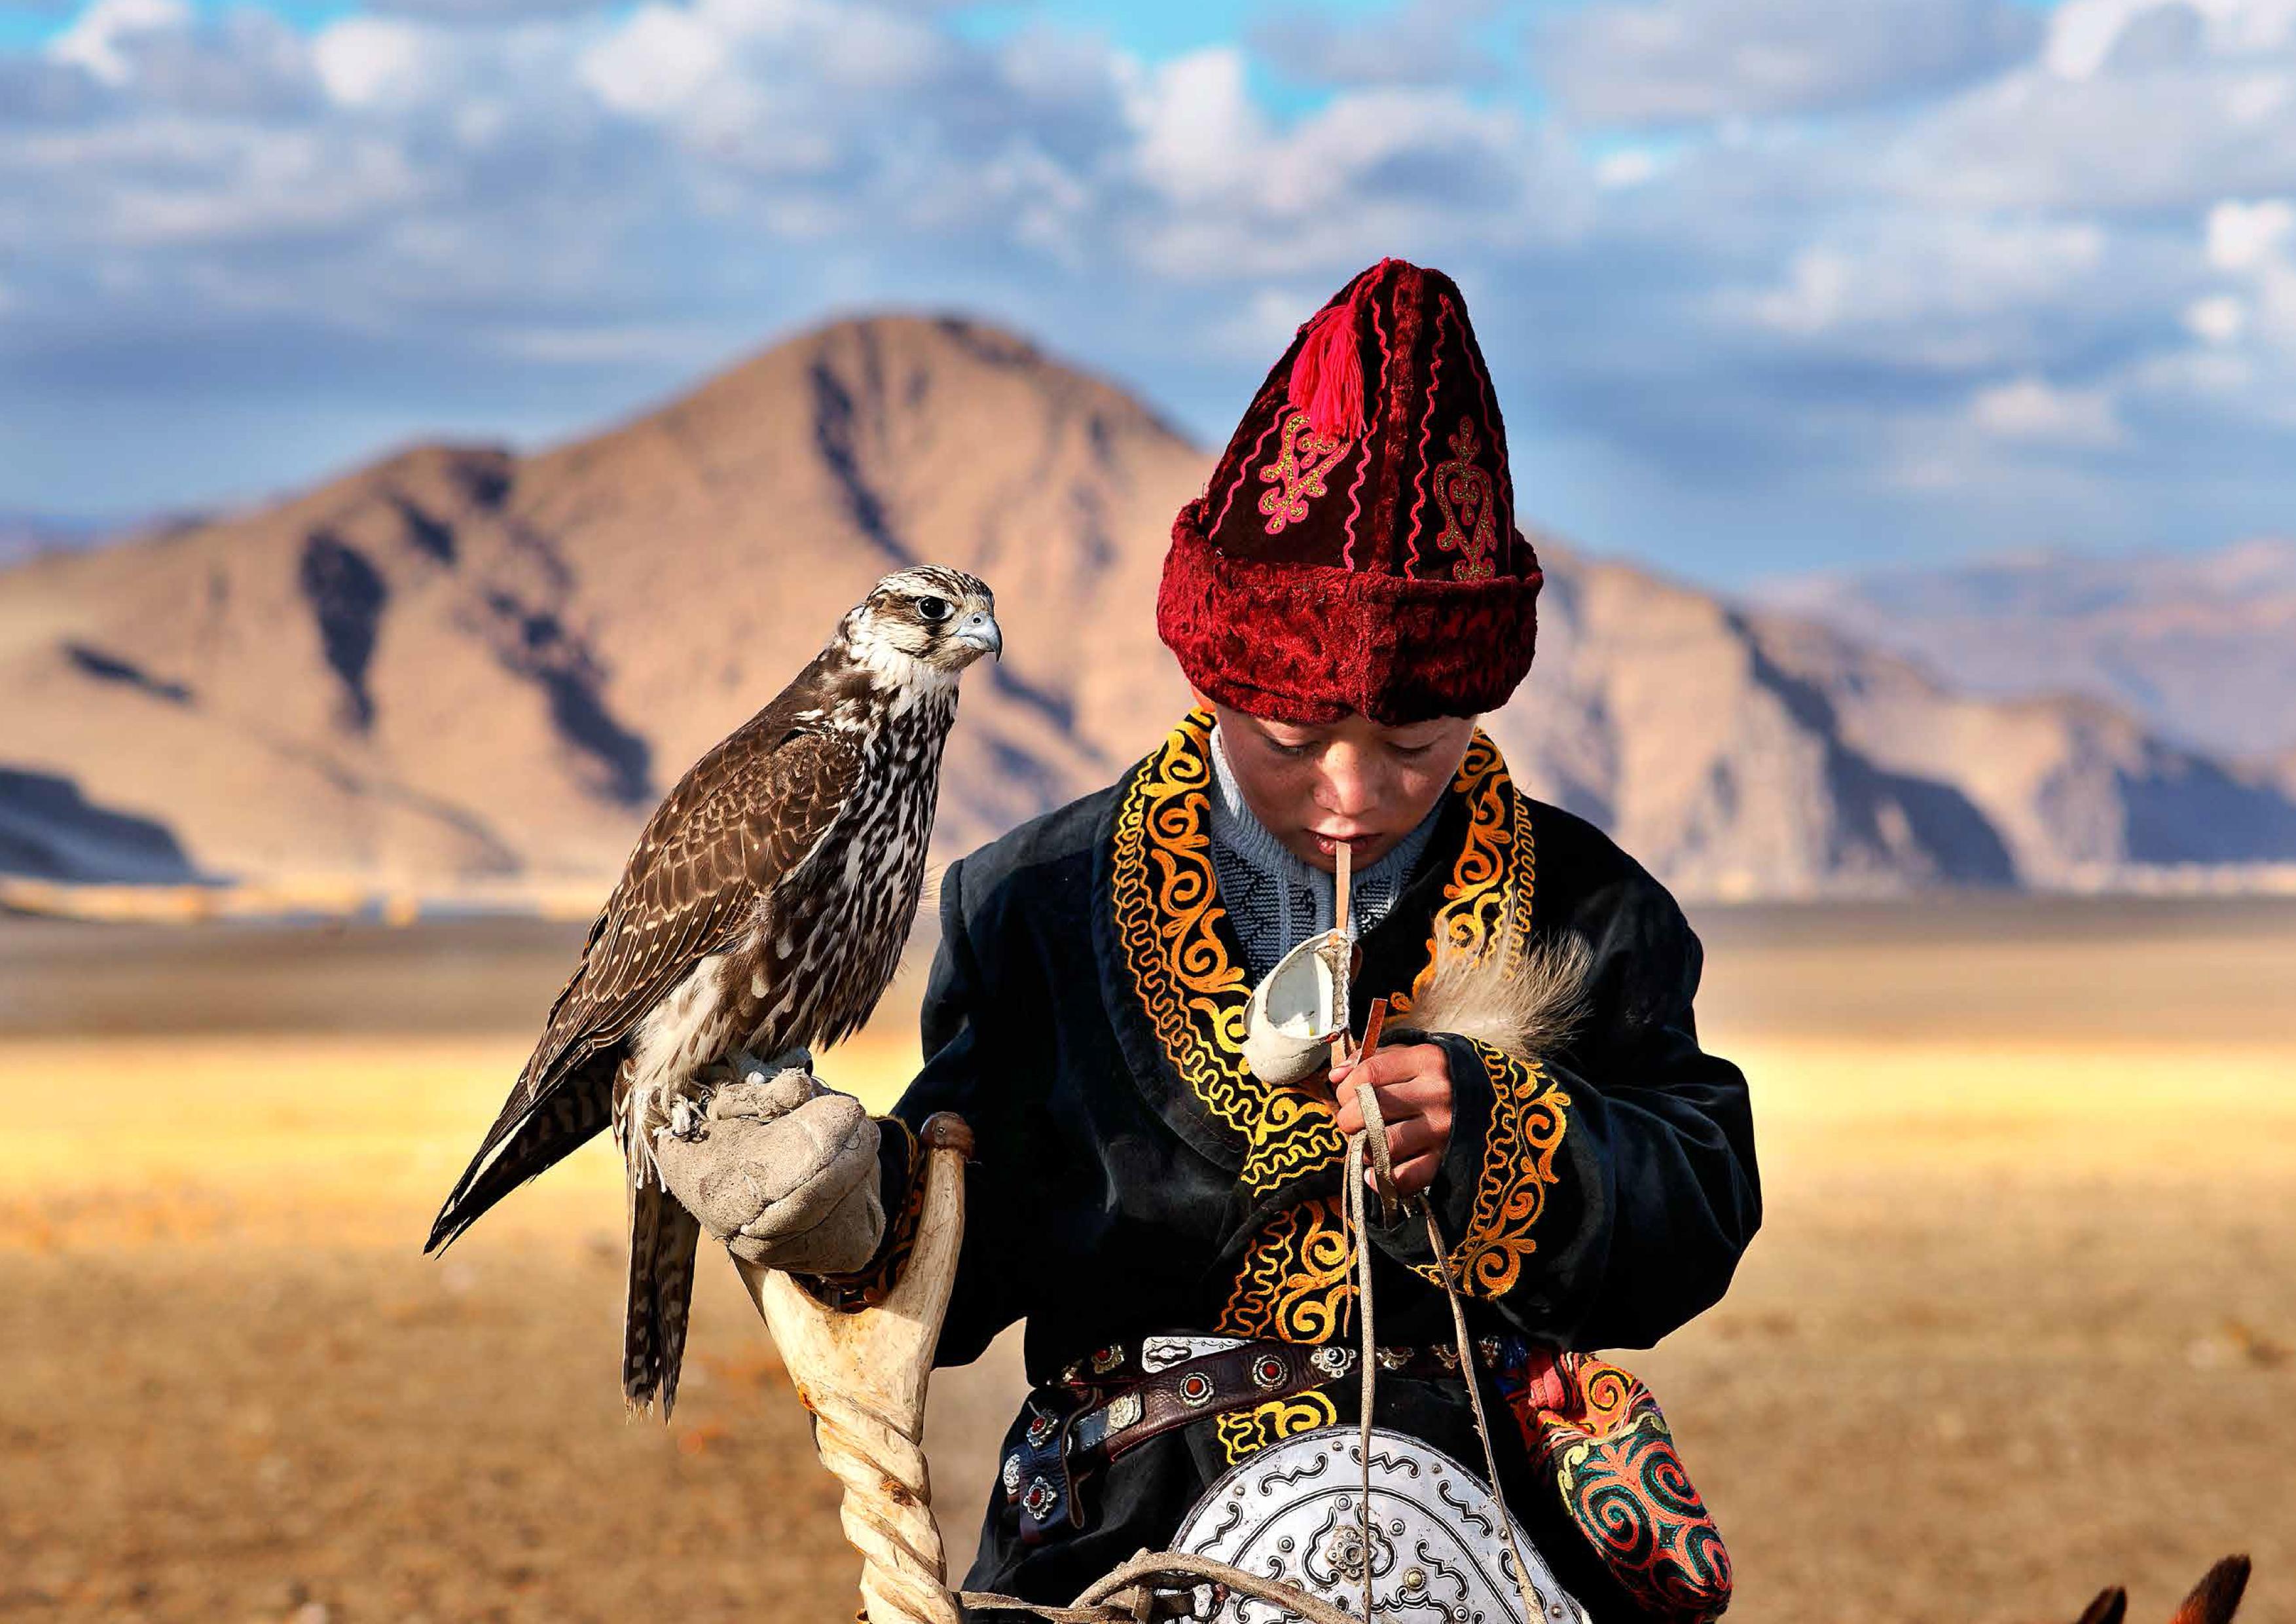 """Frei und ungebunden ziehen Nomadenstämme durch die Weiten der windgepeitschten mongolischen Landschaft - nur geleitet vom rhythmischen Wechsel der Jahreszeiten. Seit dem Jahr 2000 begleitet Hamid Sardar das Leben dieser Faszinierenden Gemeinschaften, verfolgt ihre Alltagsrituale, Jagdzüge und spirituellen Praktiken und fängt so ihre jahrhundertealten Traditionen ein. Durch seine Arbeit ist er zu der Überzeugung gelangt, """"dass eine der wirksamsten Lösungen für die Krise der Zivilisation in der Sicherung und Bewahrung der kleinen Stücke Wildnis besteht, die auf unserem Planeten noch übrig geblieben sind"""". Sardars atemberaubende Farb- und Schwarz-Weiß-Photographien werden zu einer ergreifenden Bilderreihe zu den letzten wandernden Schamanen und Jägern der Mongolei. Voller Faszination für ihre spirituelle Verbindung zu Natur und Tieren zeigt Sardar die Weisheit, die Gebräuche und Verhaltensweisen unterschiedlichster Menschen, vom Pferdezüchter über den Falkner, mit mit Adlern auf die Jagd geht, bis zum traditionellen Heiler. Hamid Sardar wurde 1966 im Iran geboren. Er ist Experte für Mongolische und Tibetische Philologie und promovierte an der Harvard University. Inspiriert von den Pionieren der ethnologischen Photographie im Zeitalter der Entdeckungen, ging er 2000 in die Mongolei, um acht Jahre lang mit den dortigen Nomadenstämmen zu leben. Während dieser Zeit entstanden vier preisgekrönte Dokumentarfilme und herausragende Photographien, die weltweit in Galerien gezeigt werden."""